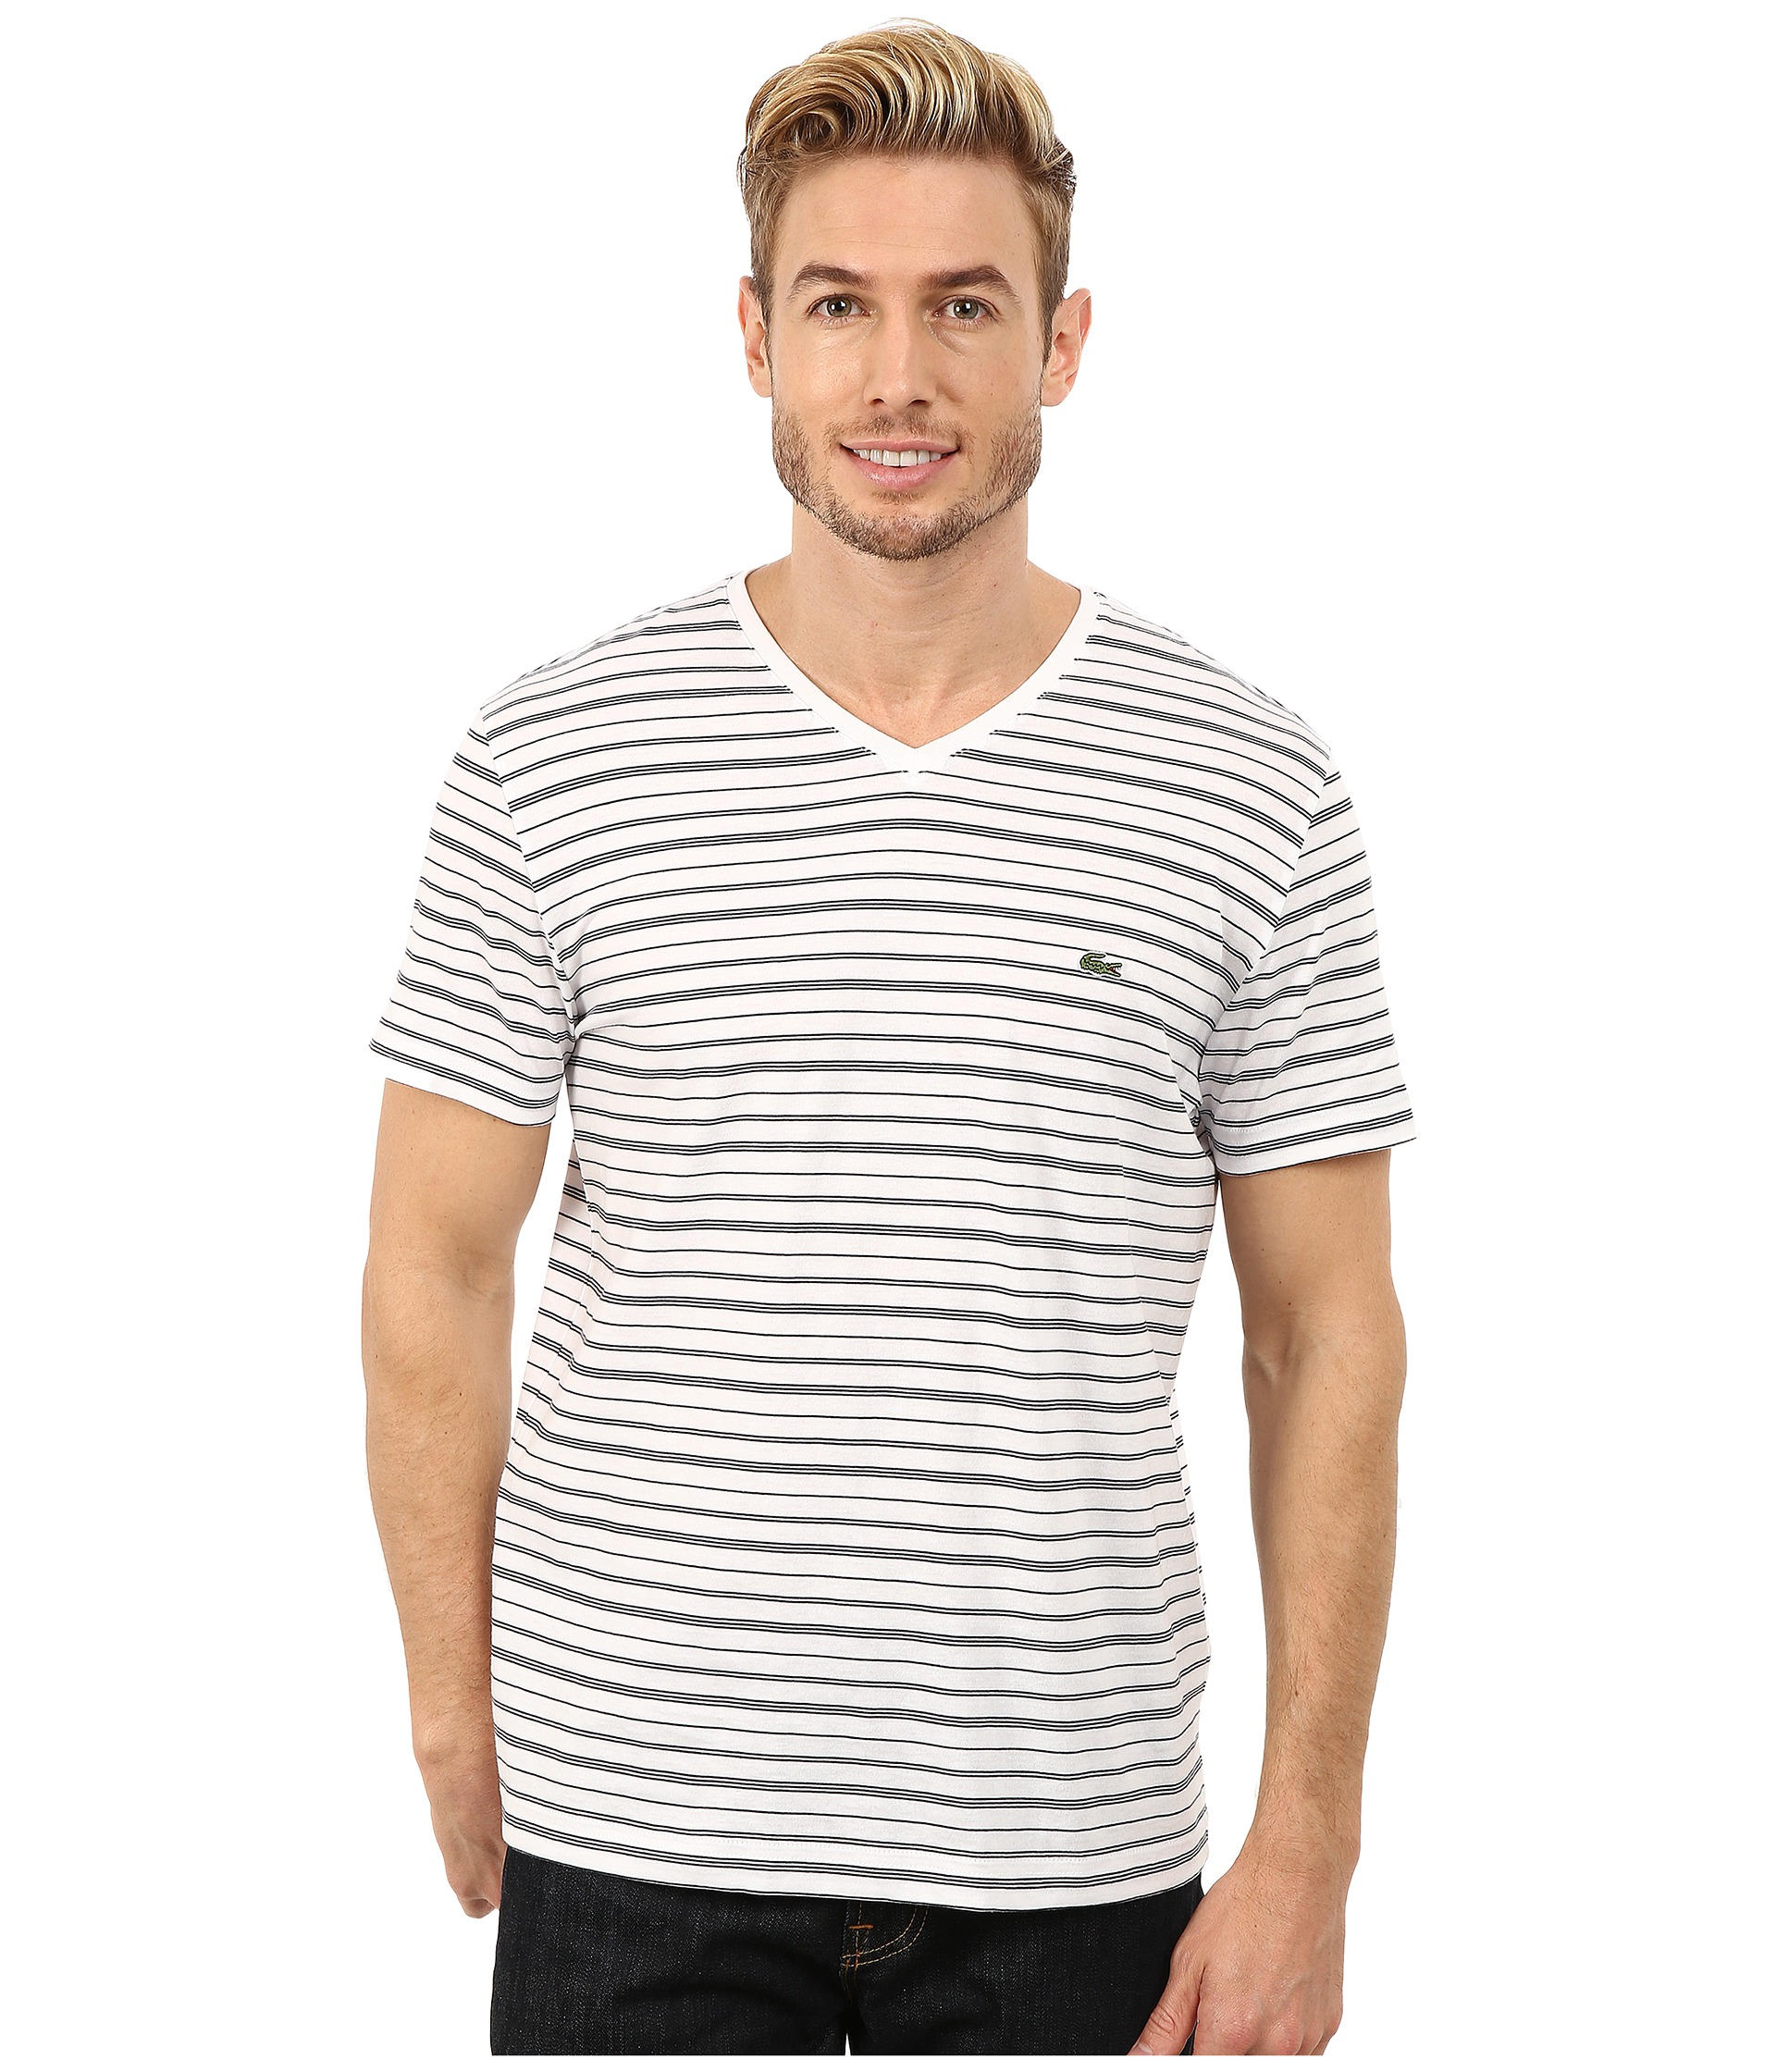 lacoste short sleeve fine stripe v neck tee shirt zappos. Black Bedroom Furniture Sets. Home Design Ideas